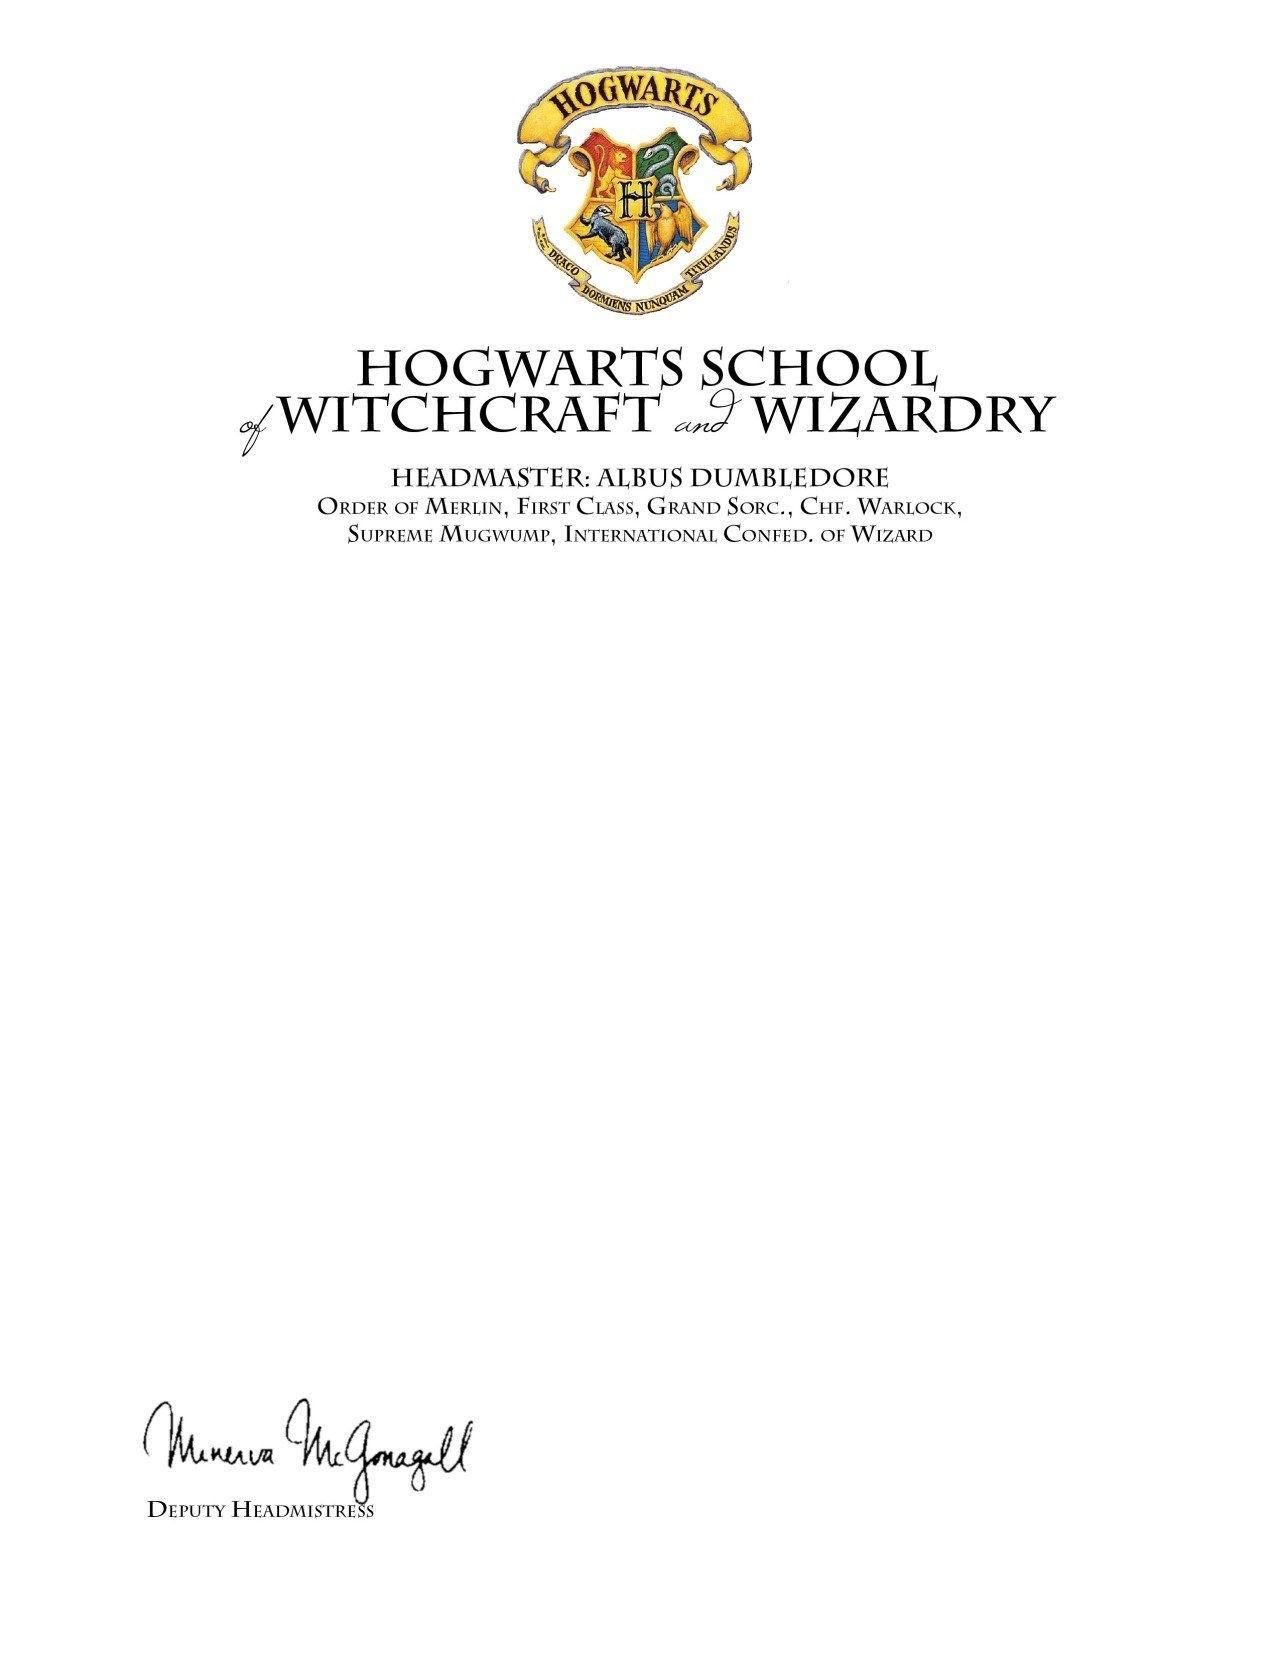 hogwarts acceptance letter template hogwarts letter template free new harry potter hogwarts acceptance